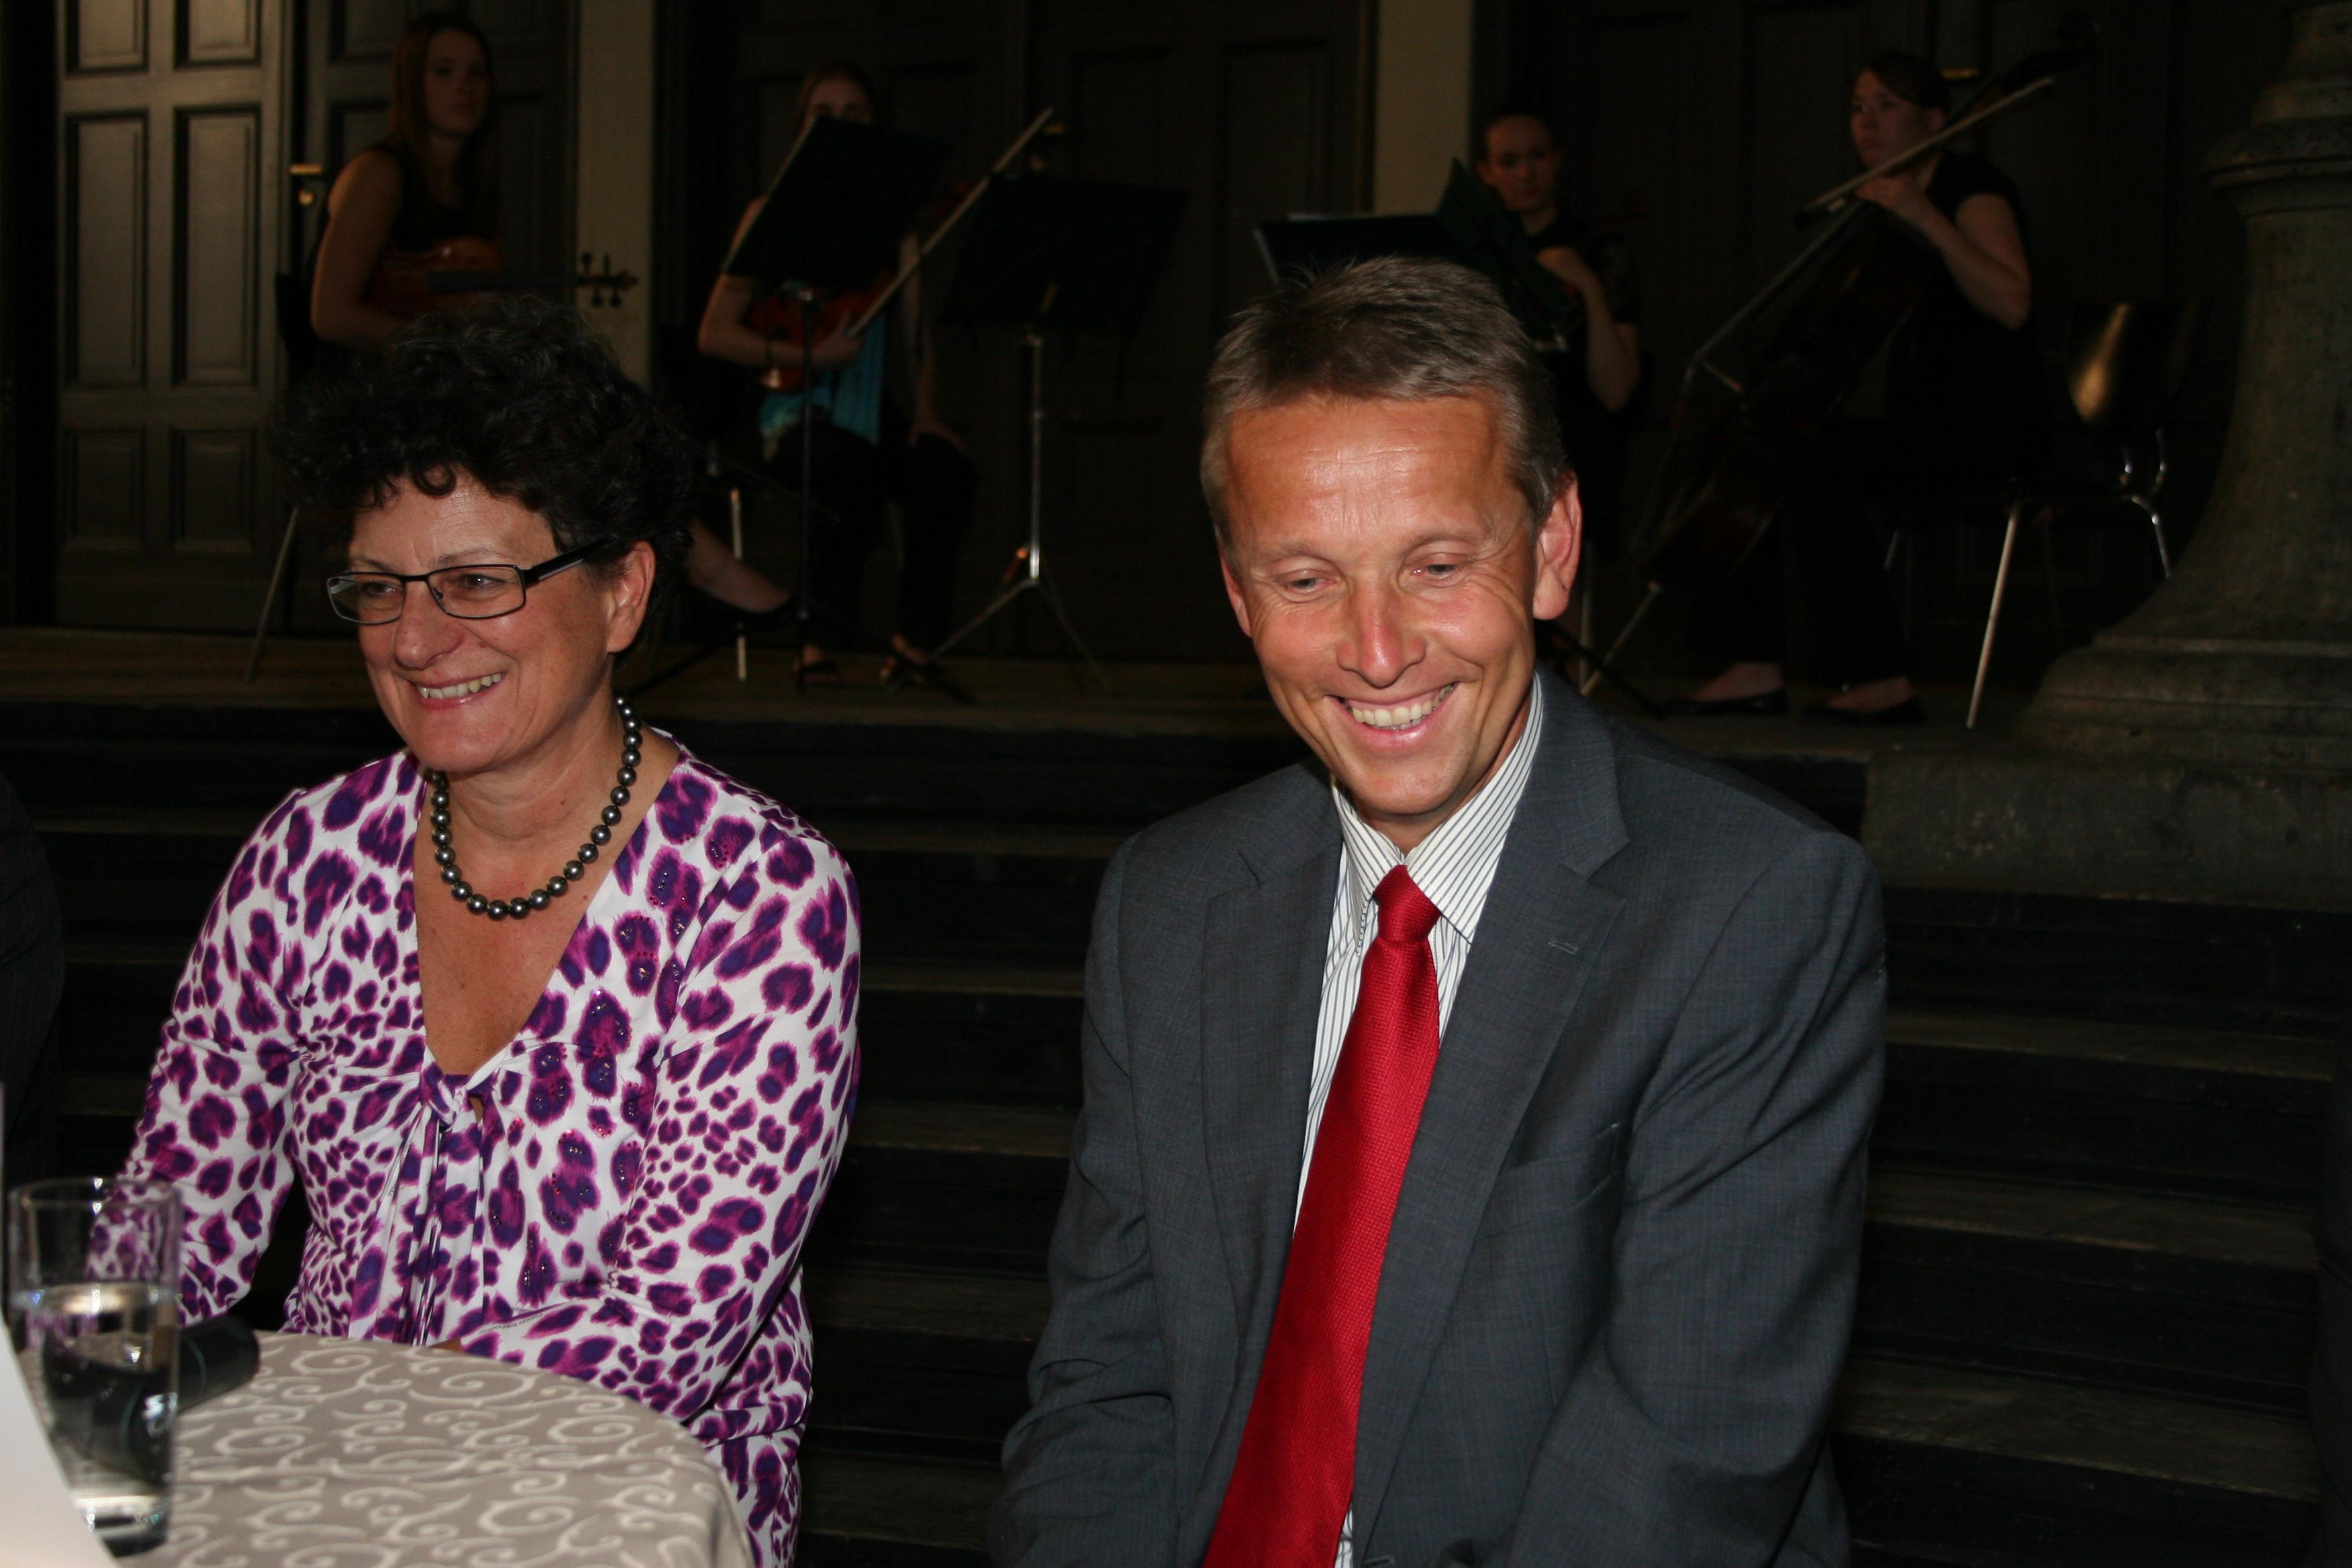 Mit Vorstandsdirektorin Regina Prehofer von der BAWAG/PSK (C) frauWT